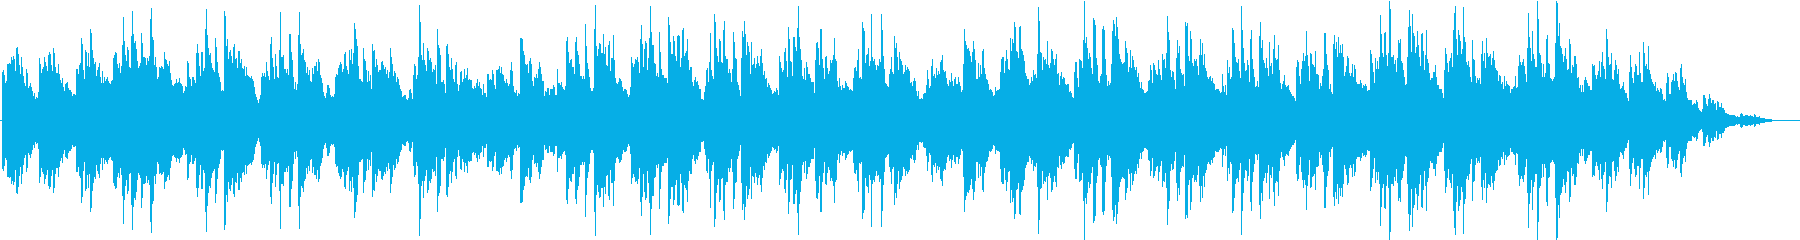 自然を感じさせるヒーリングBGMの再生済みの波形